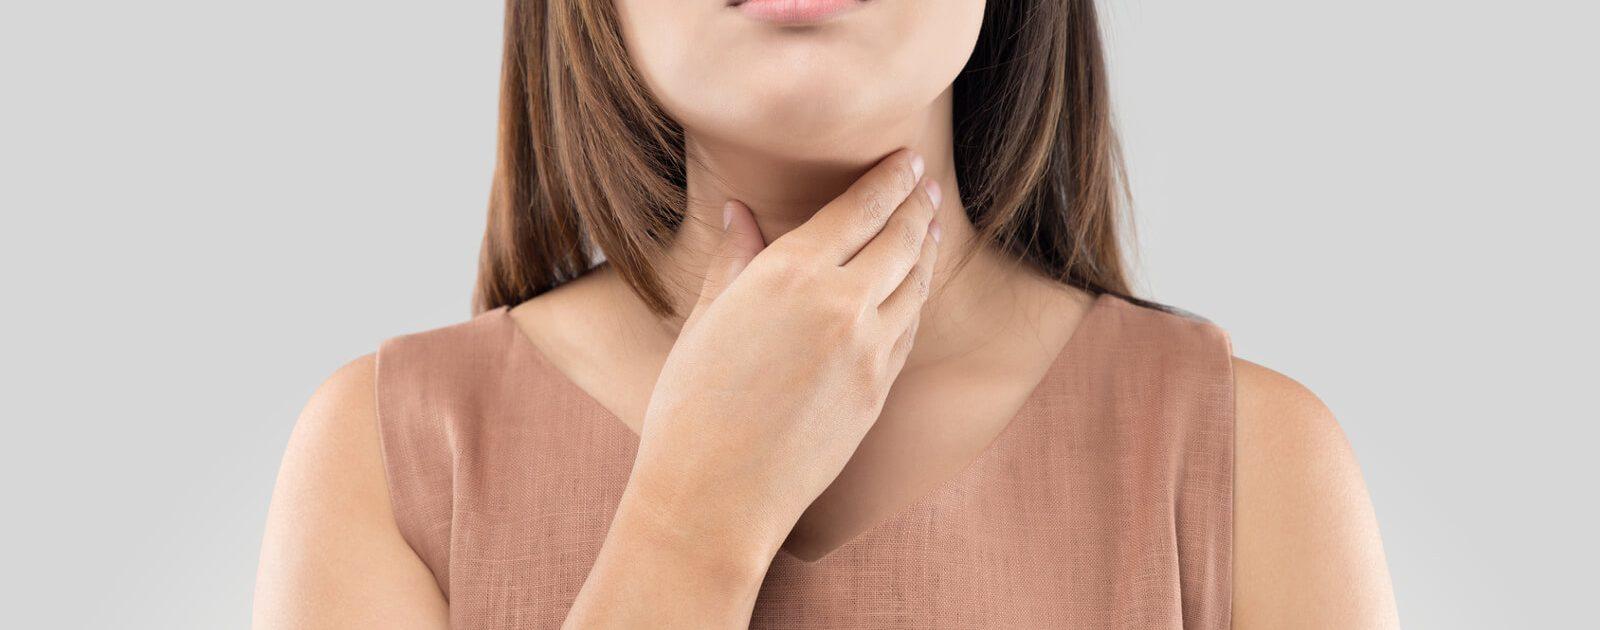 Frau leidet an einem Speiseröhrenkrampf.